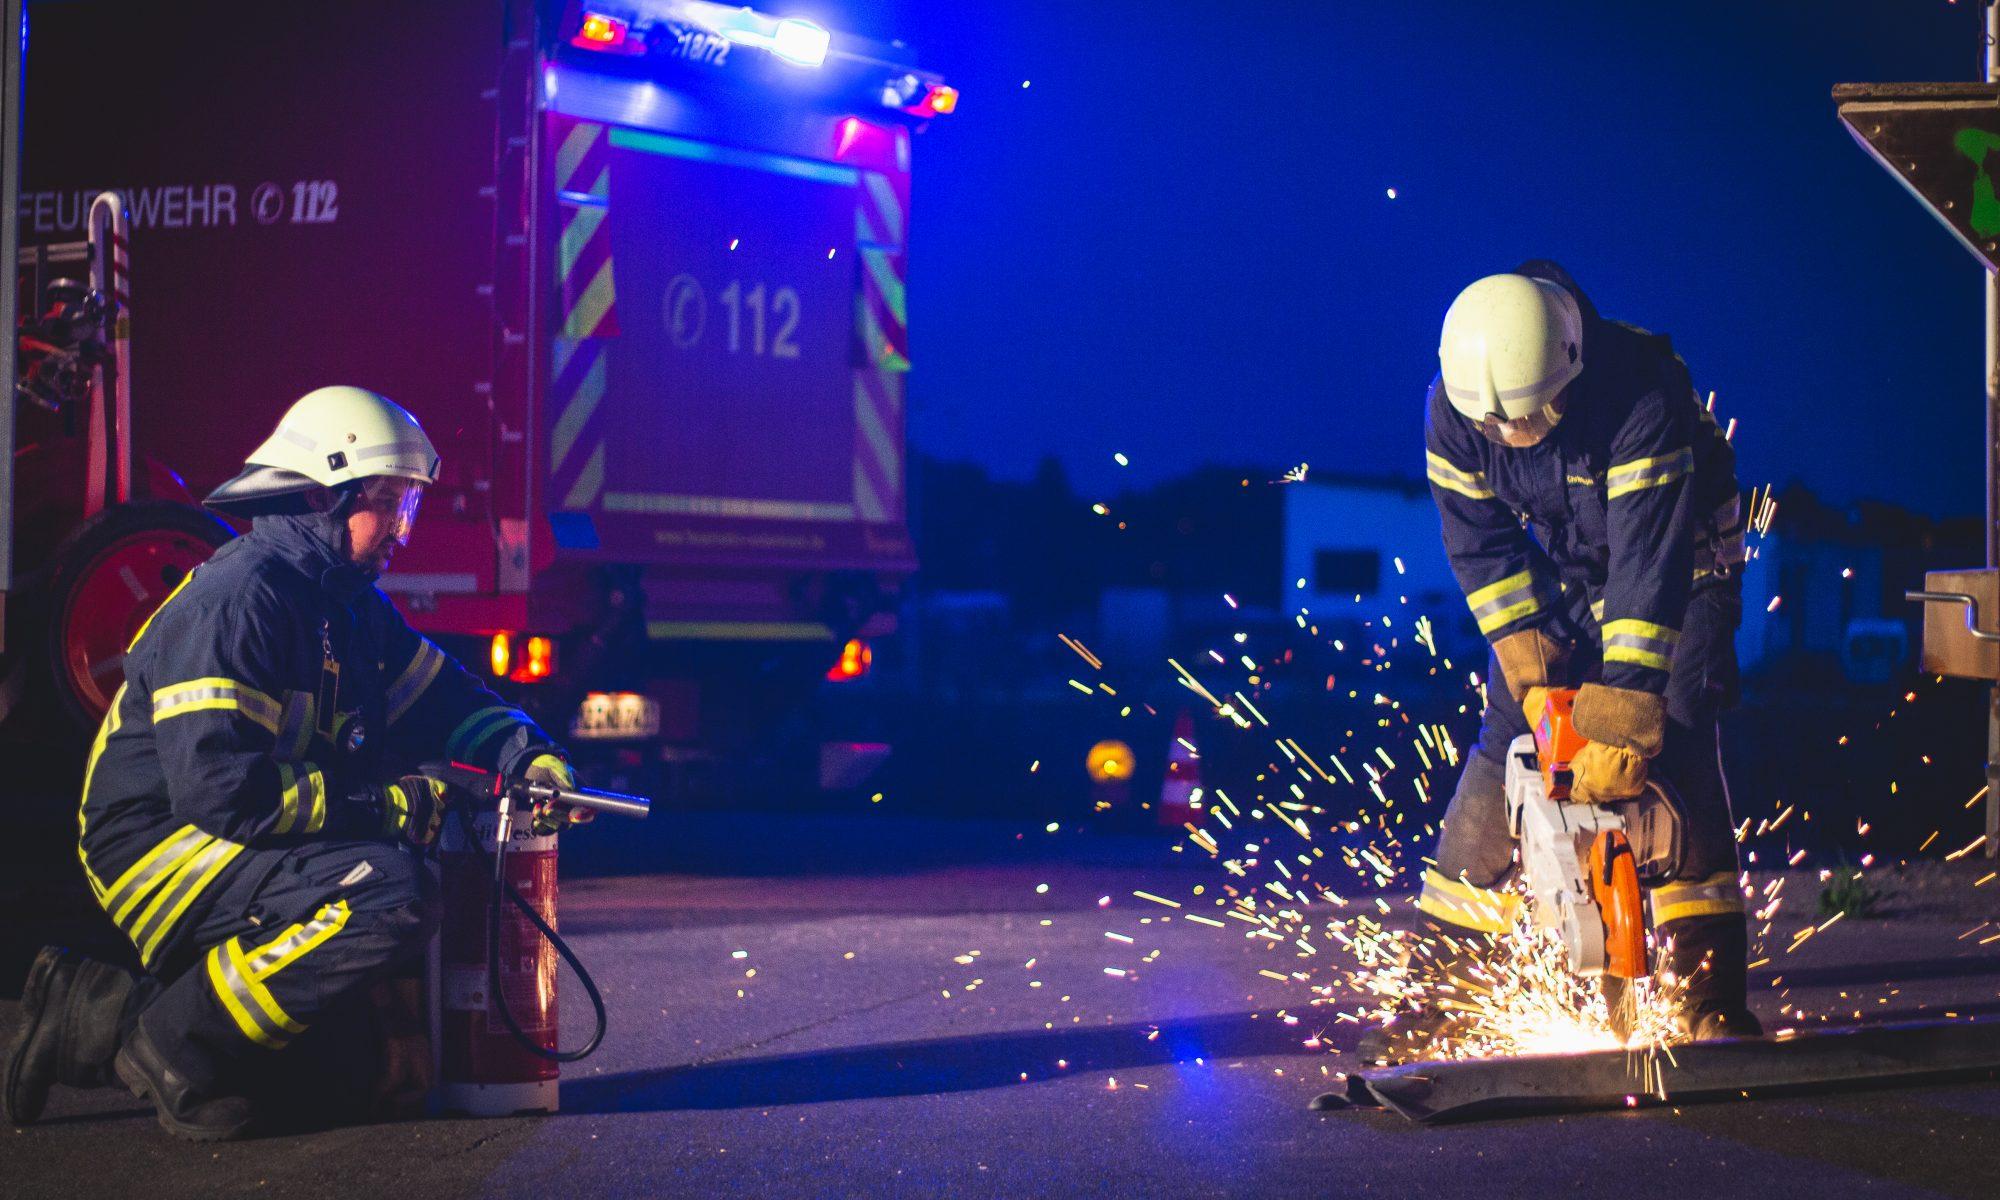 Freiwillige Feuerwehr Undenheim